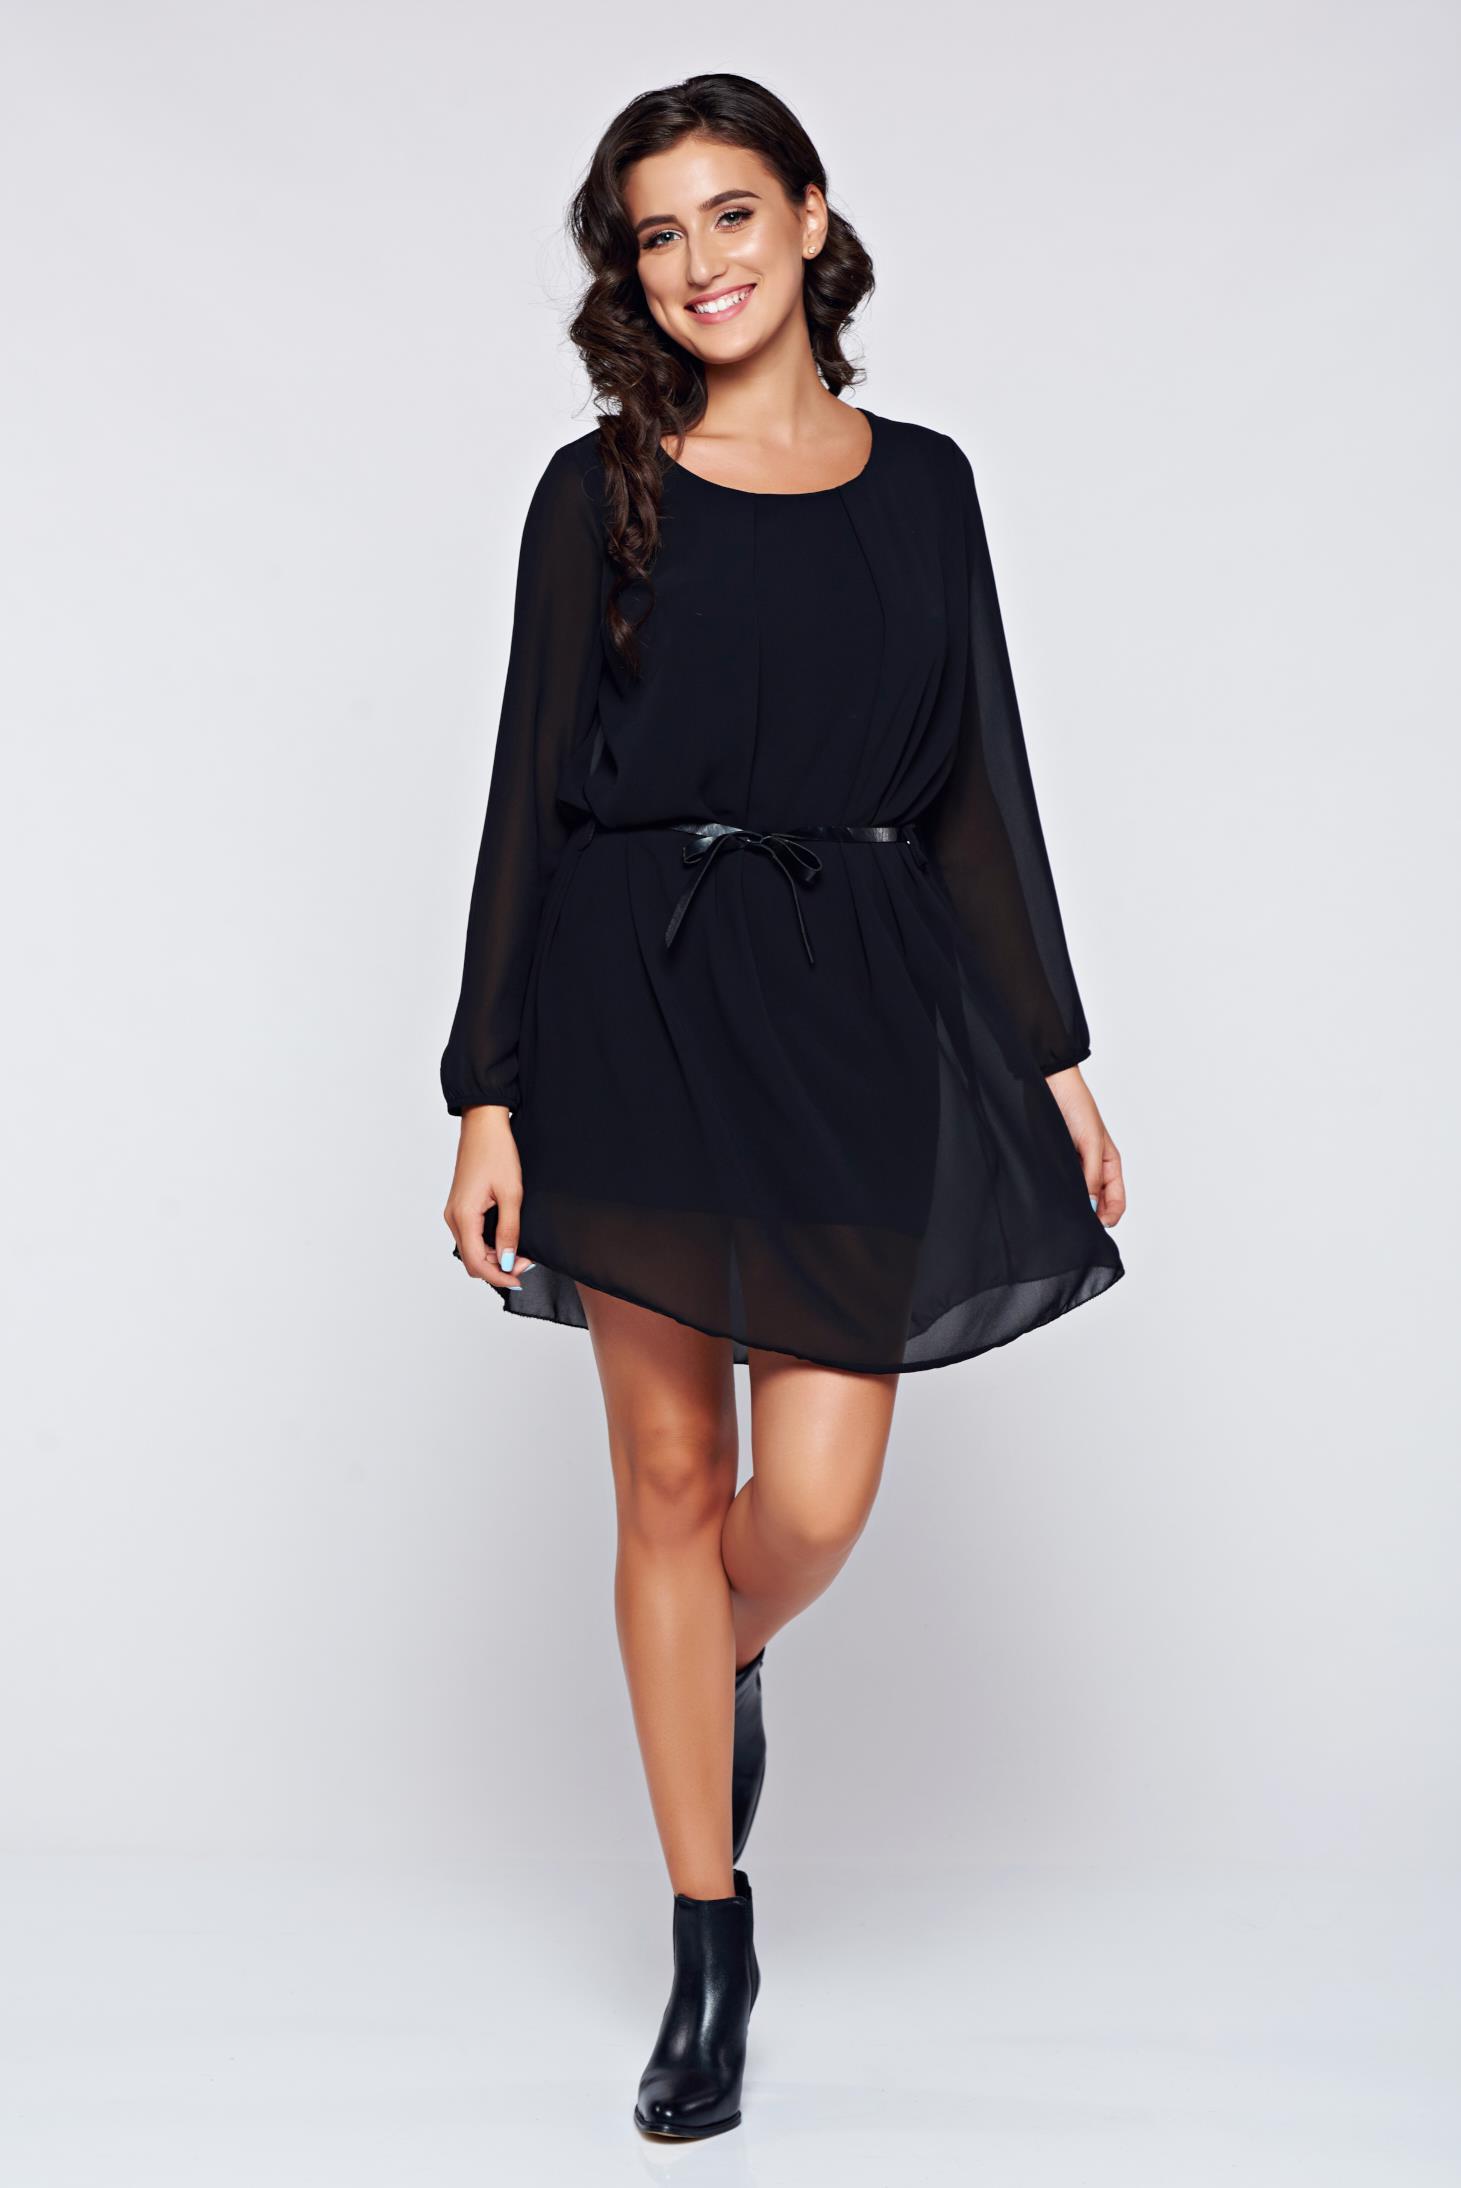 Fekete bő szabás hosszú ujjú ruha fátyol anyagból 2065e6d8cf